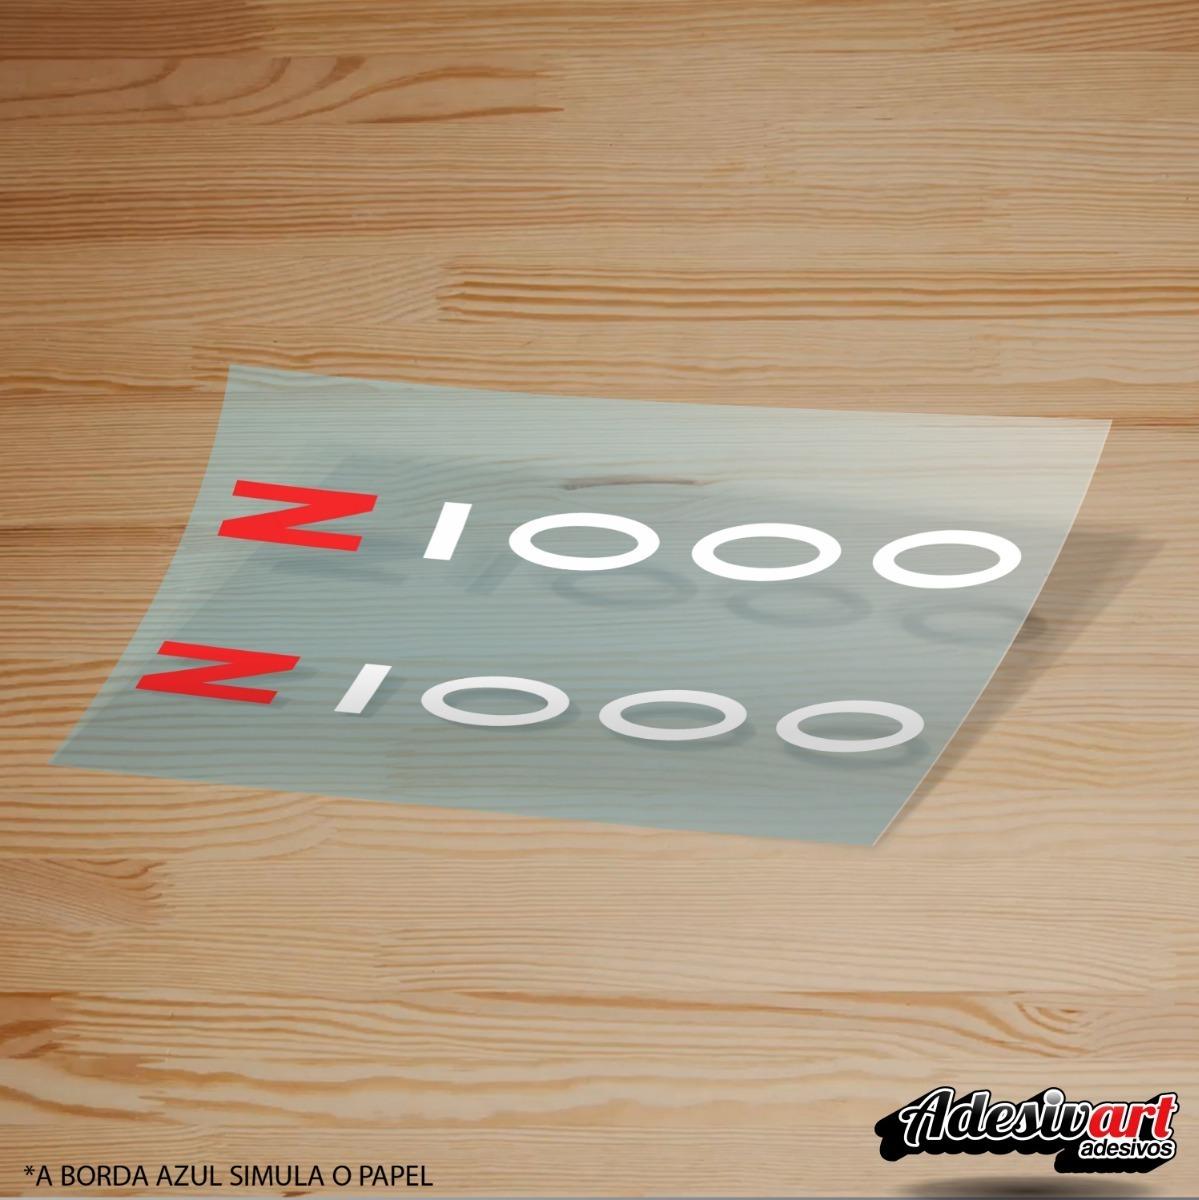 Par De Adesivos Rabeta Kawasaki Z1000 Z 1000 Modelo